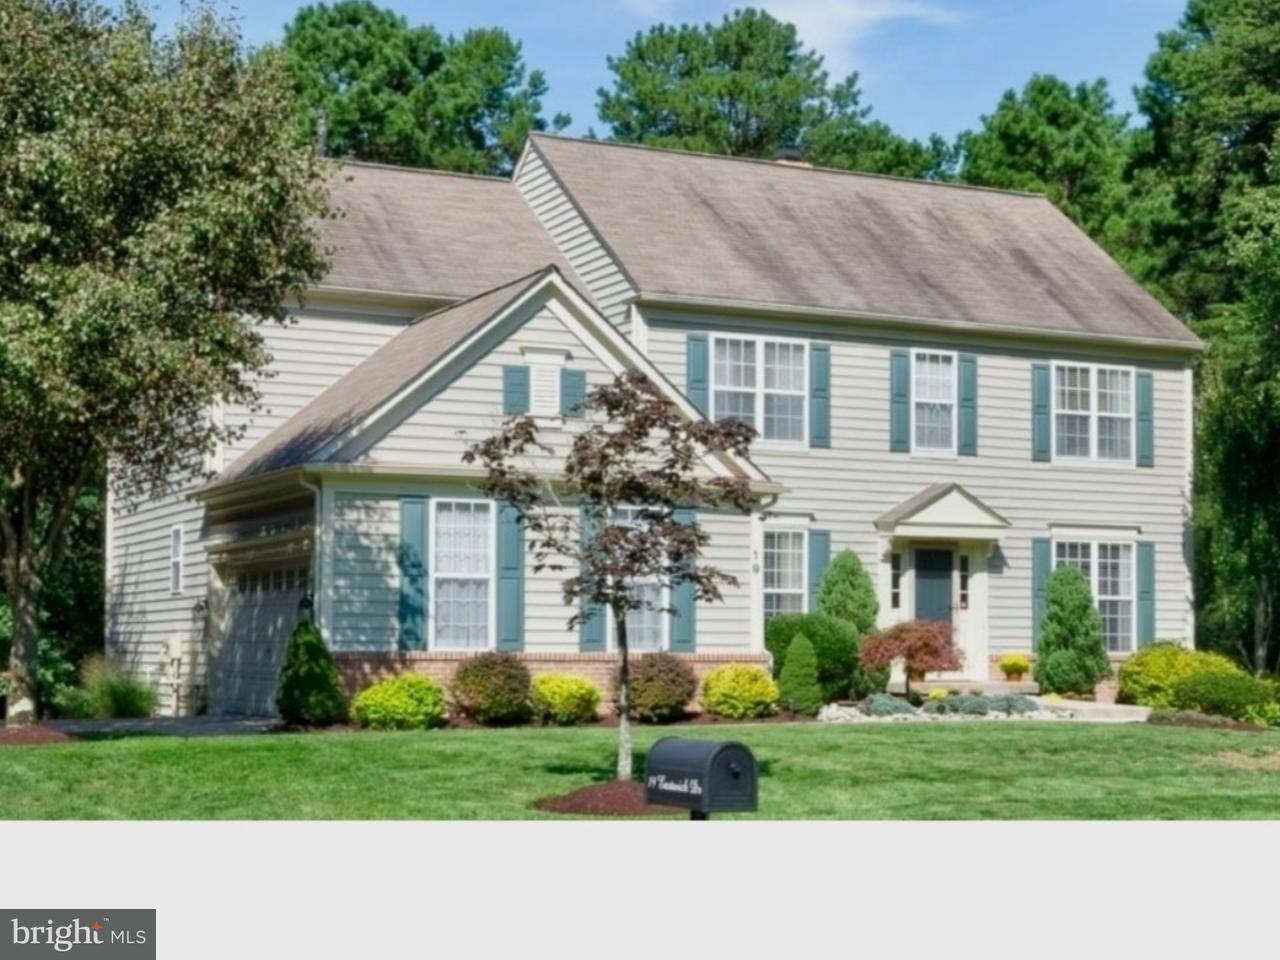 Частный односемейный дом для того Продажа на 19 EASTWICK Drive Gibbsboro, Нью-Джерси 08026 Соединенные Штаты